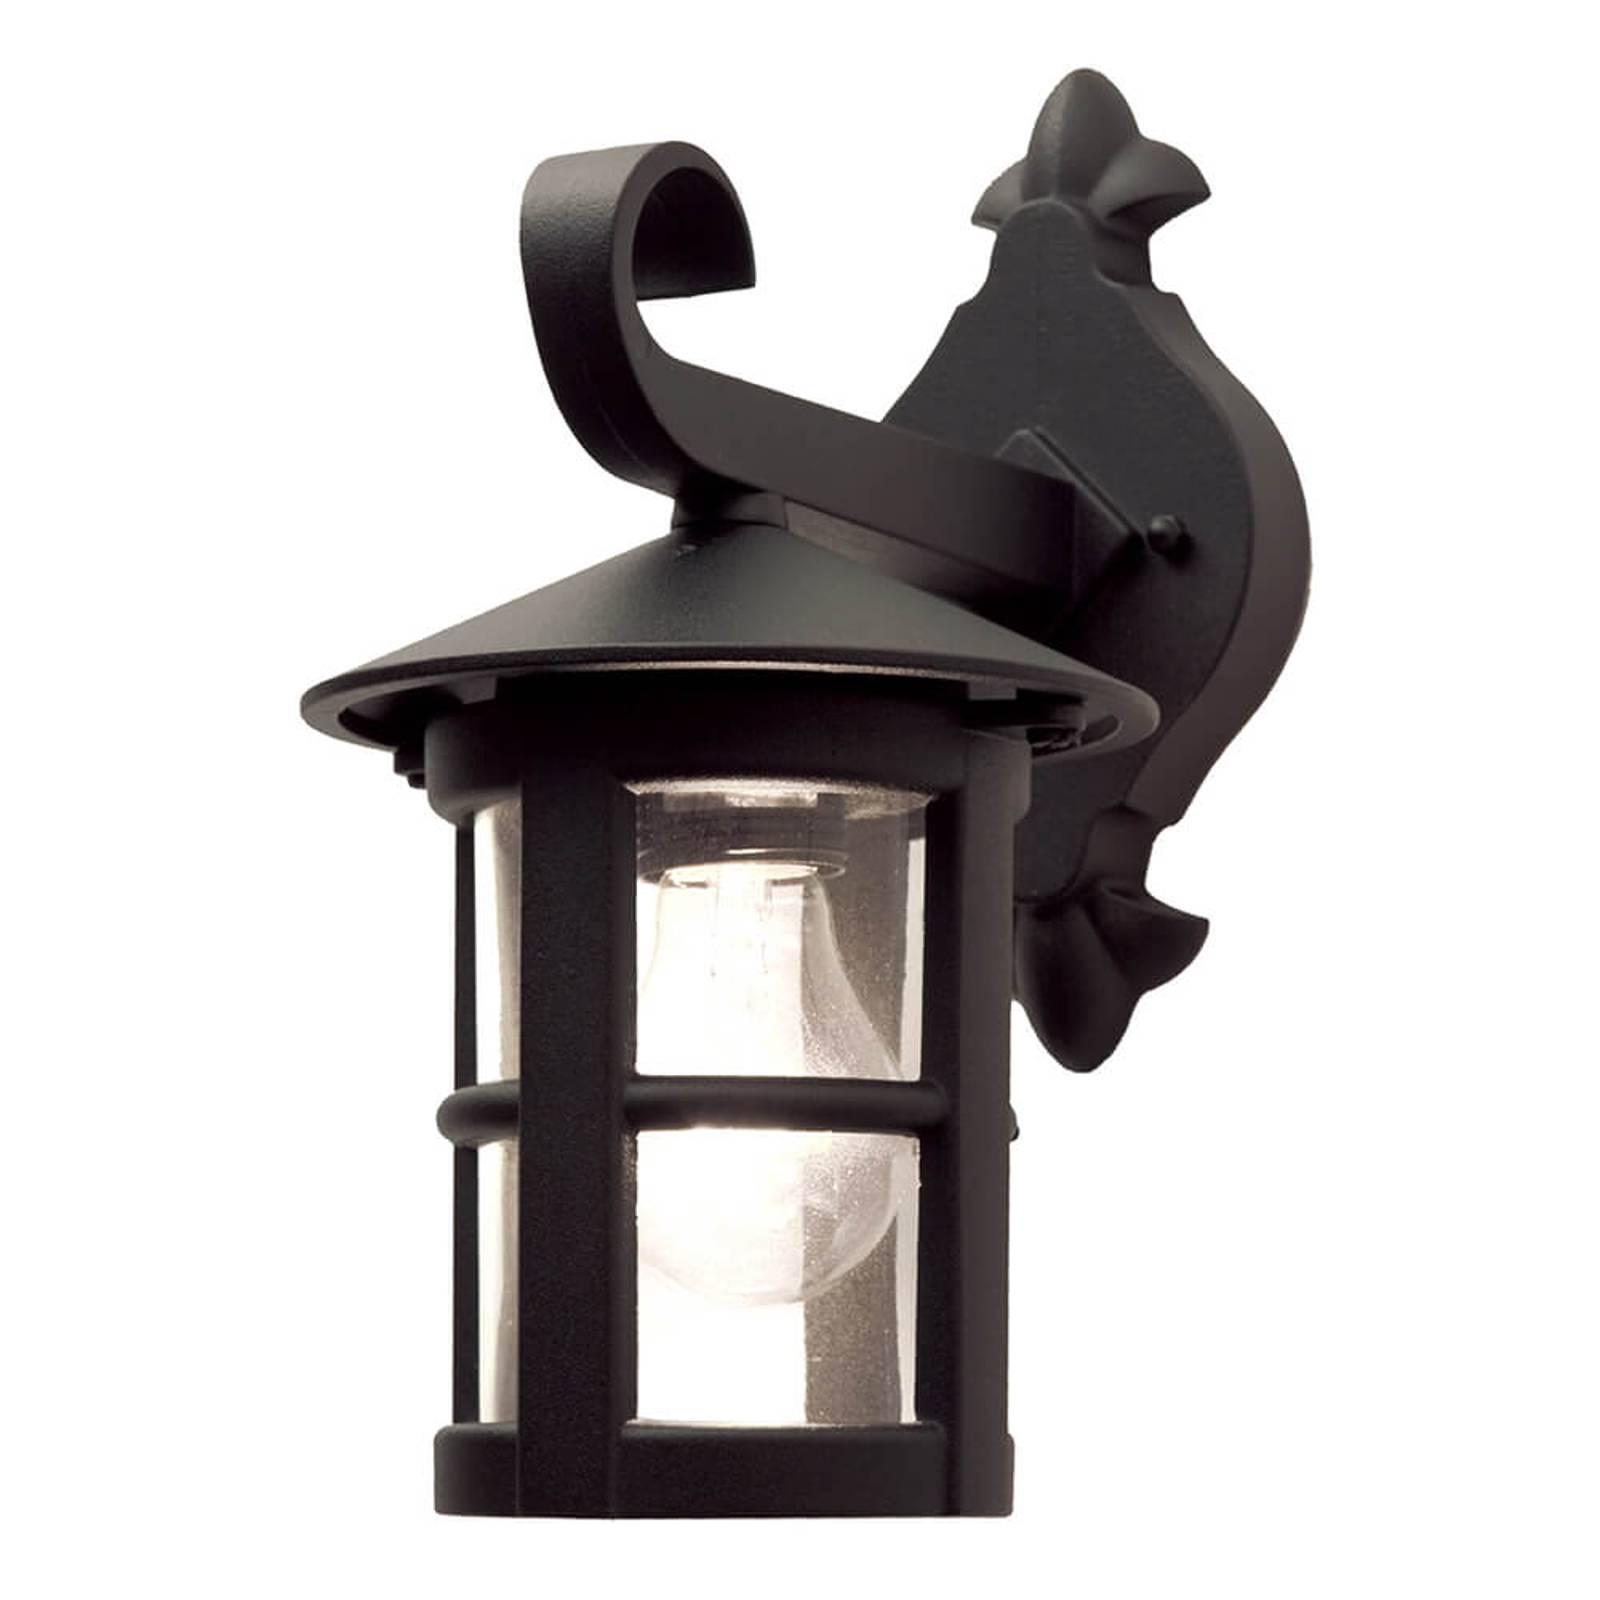 Billede af Hereford væglampe til udendørs brug, aluminium